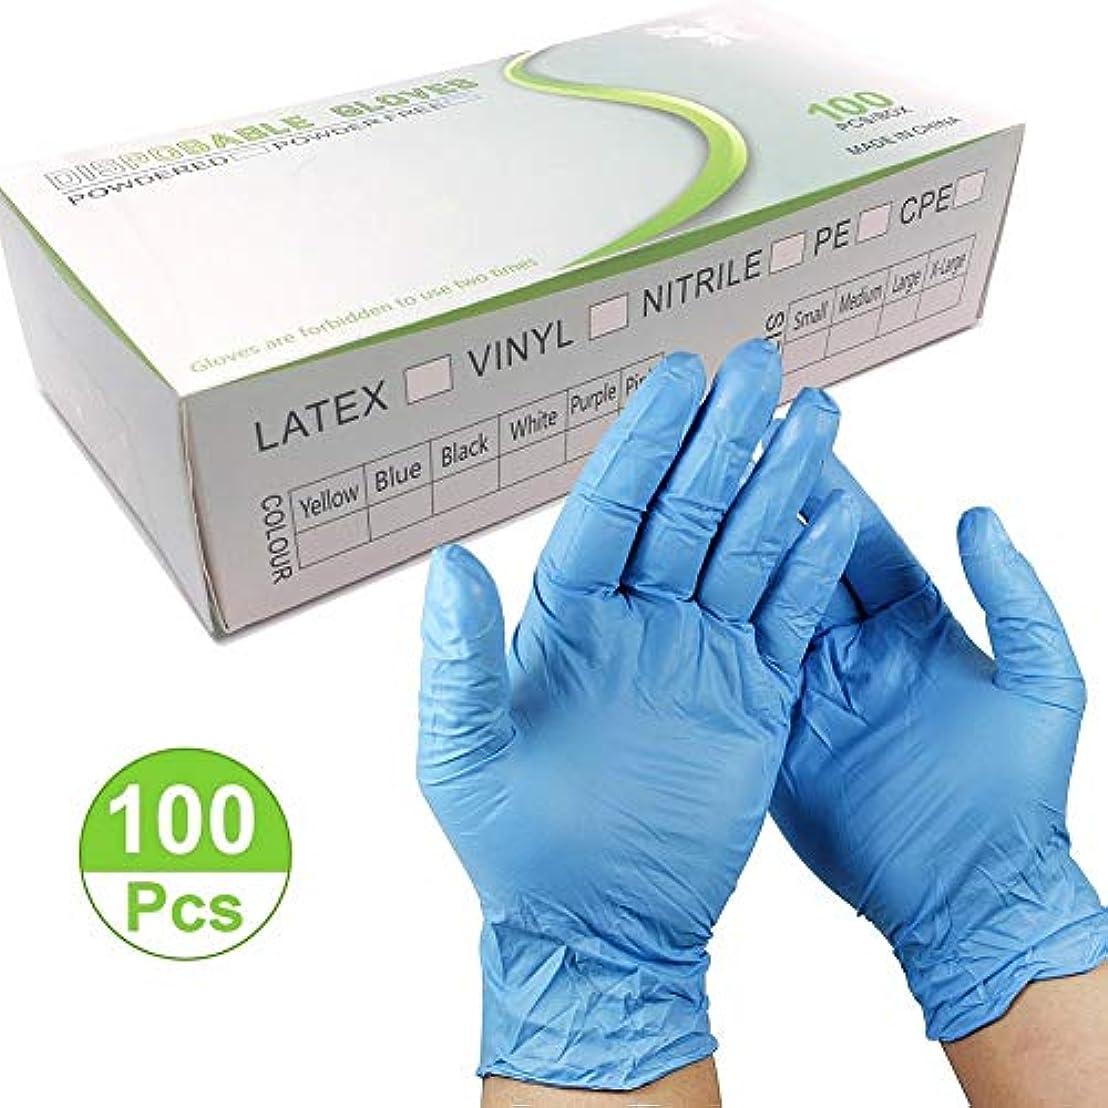 寛容な取り扱いアッパー子供用 ニトリル手袋 使い捨て手袋 子供用 皮膚アレルギーや刺激を防ぎます クラフト、塗装、ガーデニング、料理、クリーニング (100枚、ブルー)